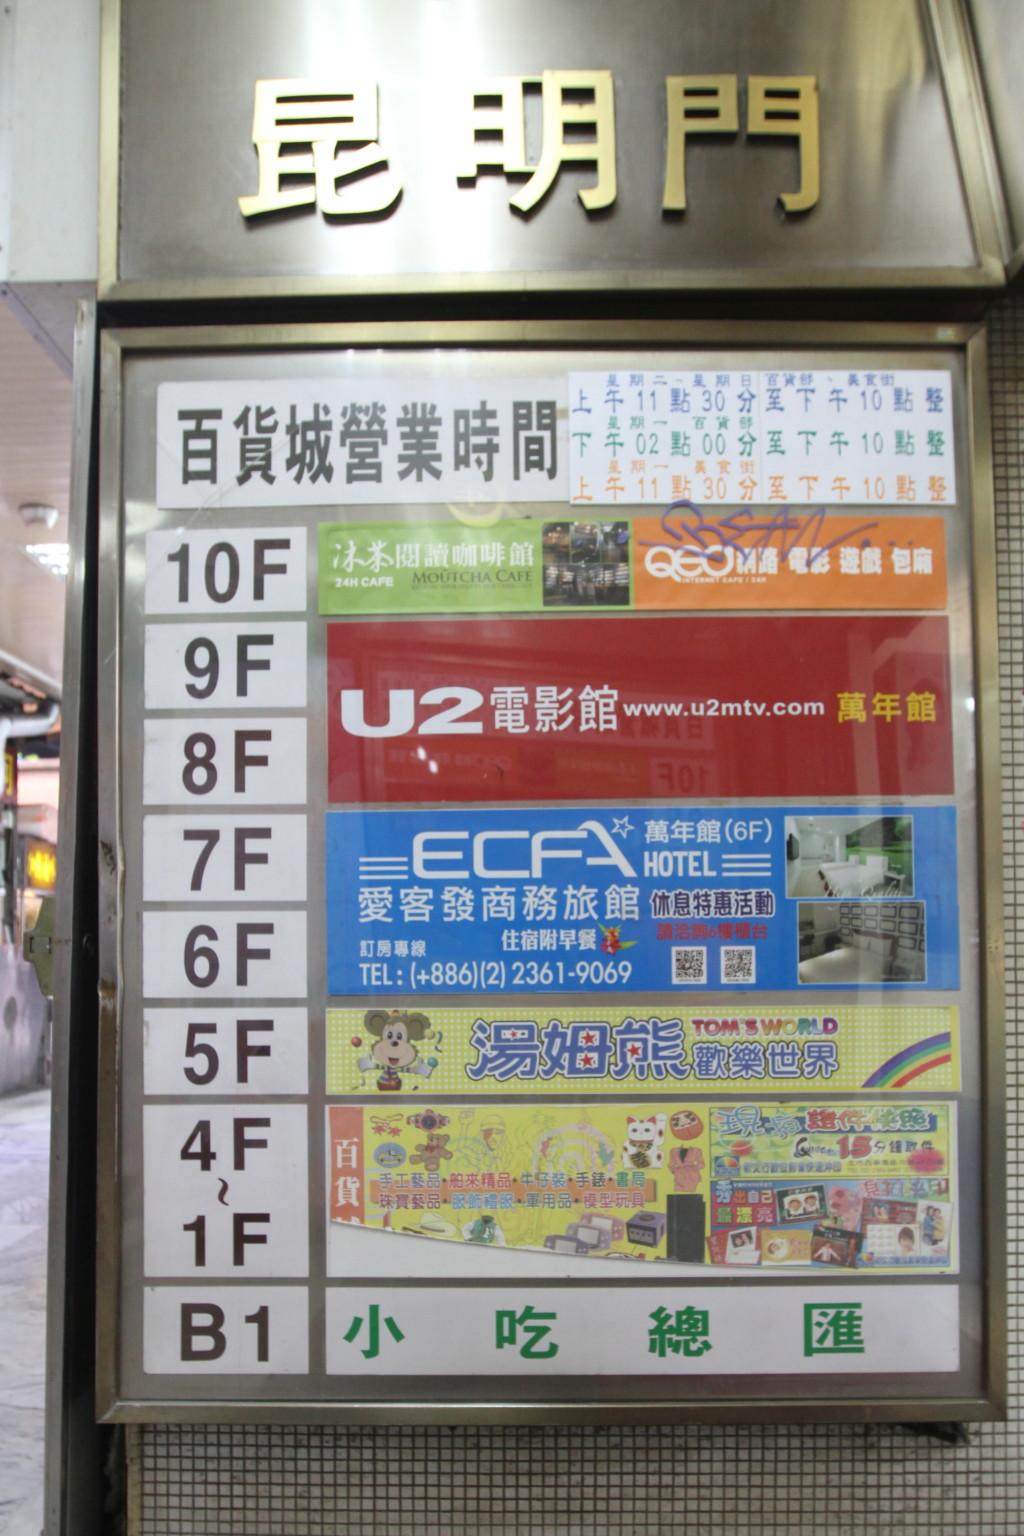 1F〜4Fはオタク系フロア。台湾における「オタクのメッカ」だろう